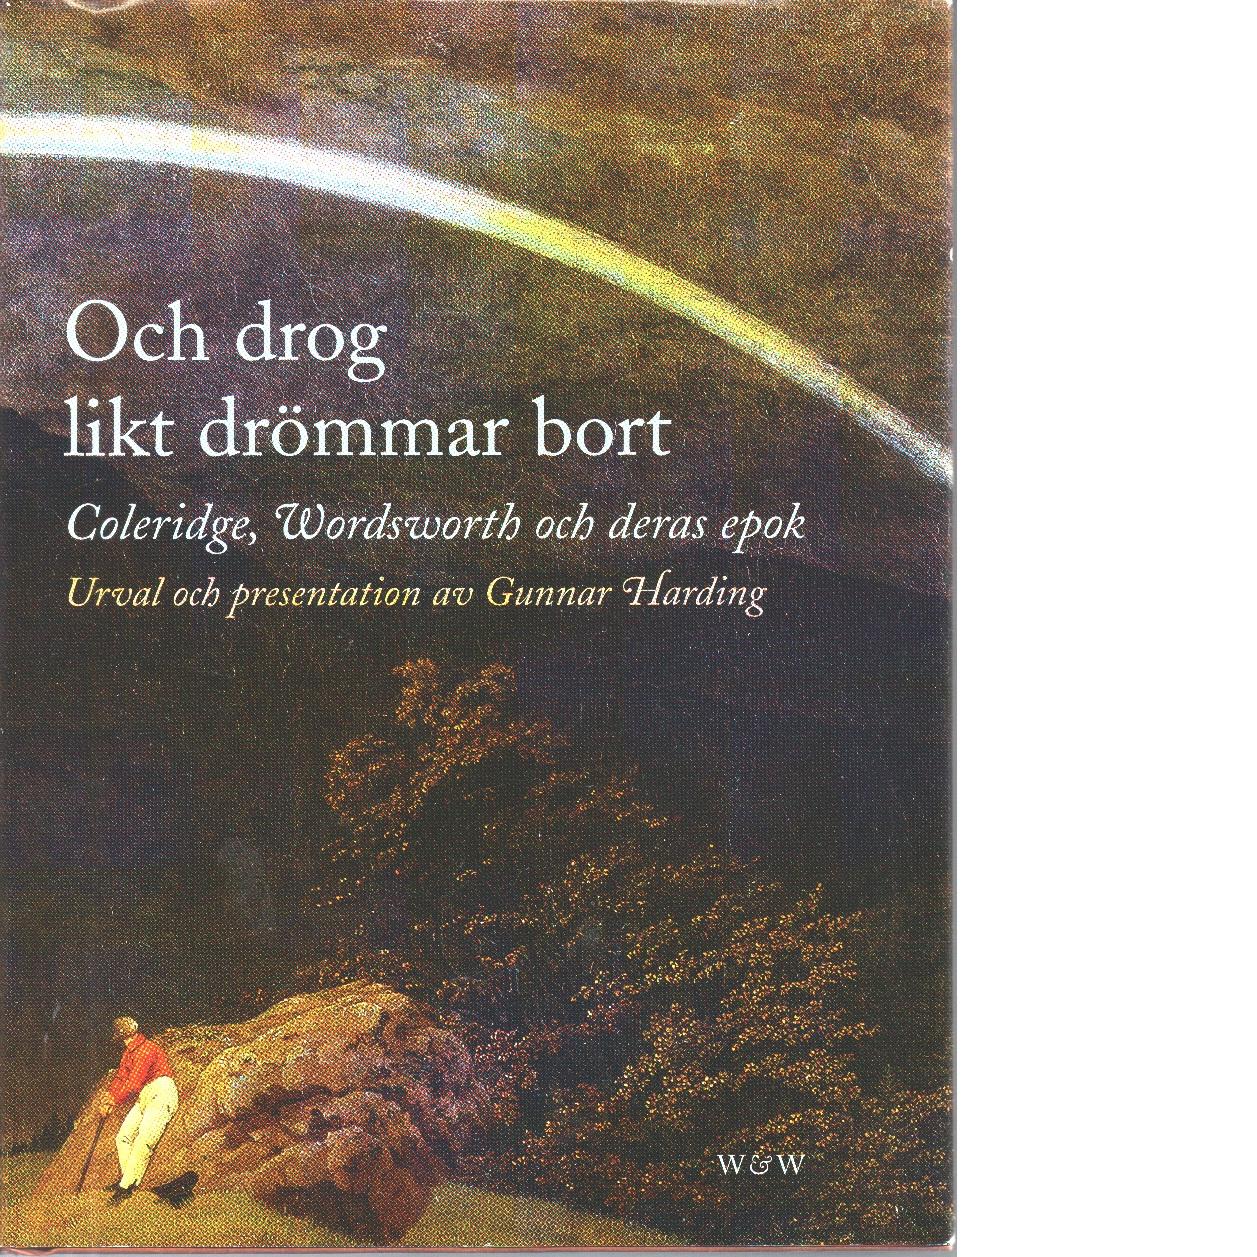 Och drog likt drömmar bort : Coleridge, Wordsworth och deras epok - Red.